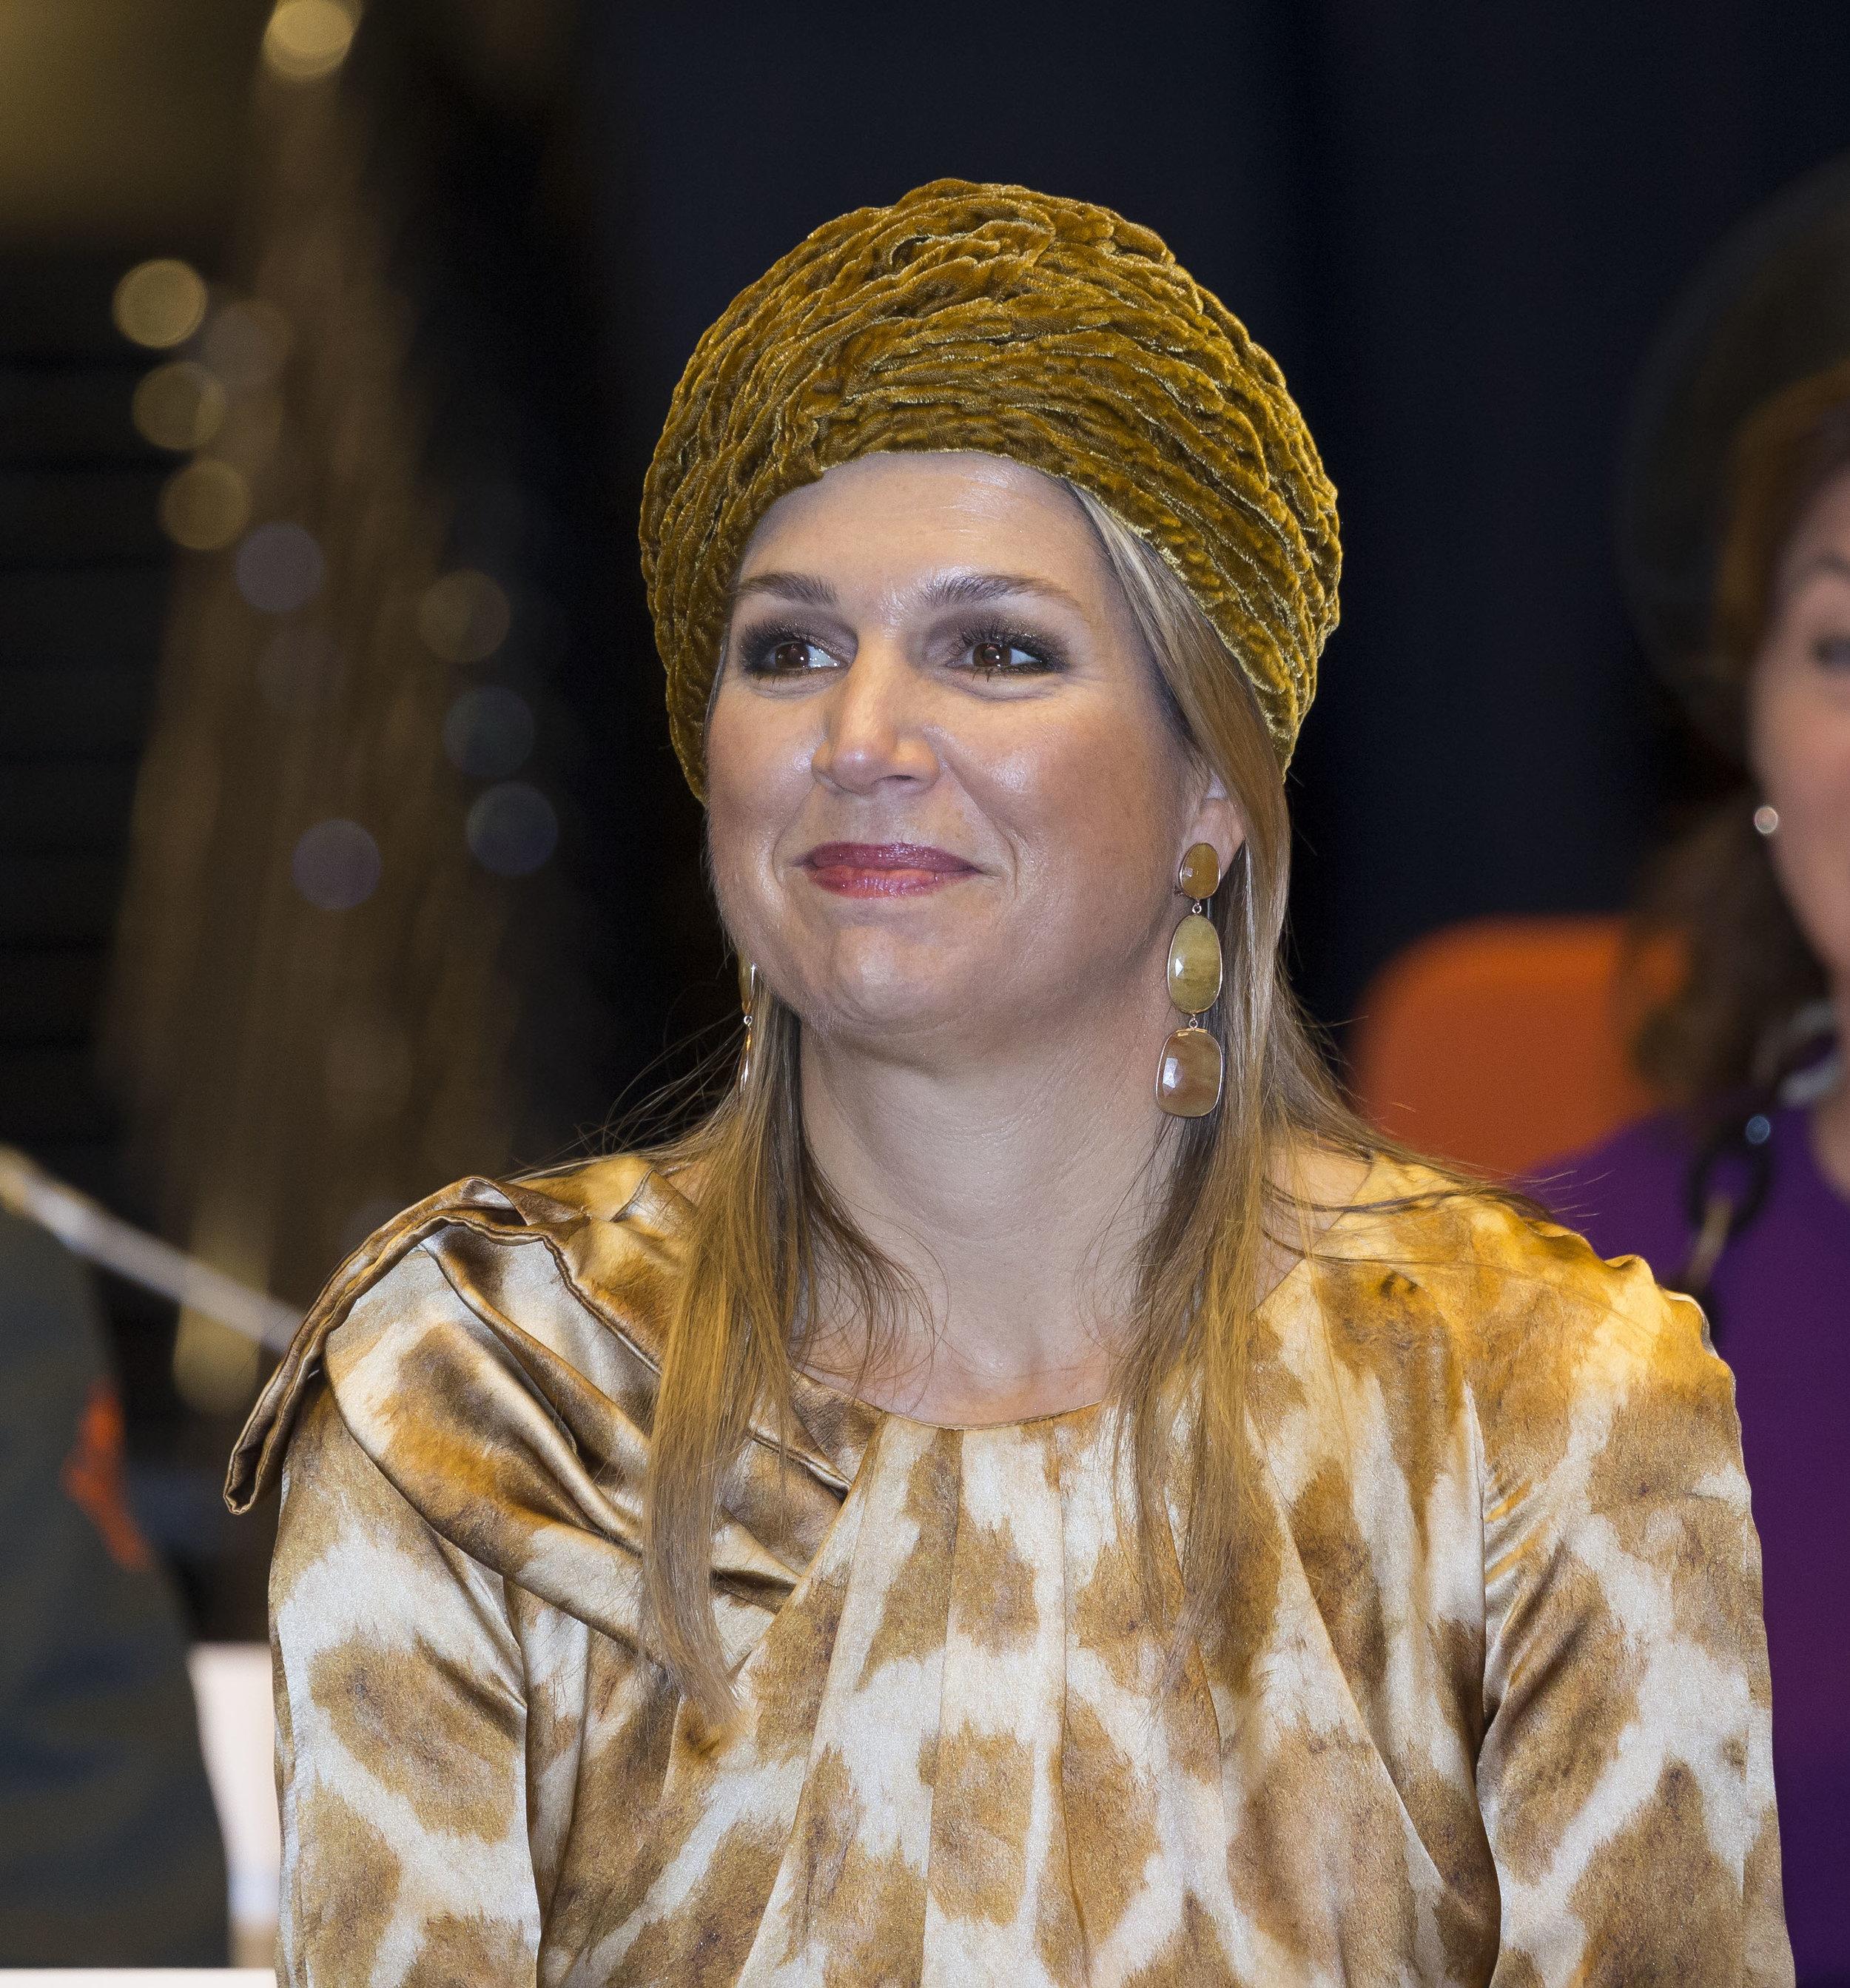 Diesen Zwanzigerjahre Turban hat Königin Maxima schon häufiger getragen  Foto: Getty Images